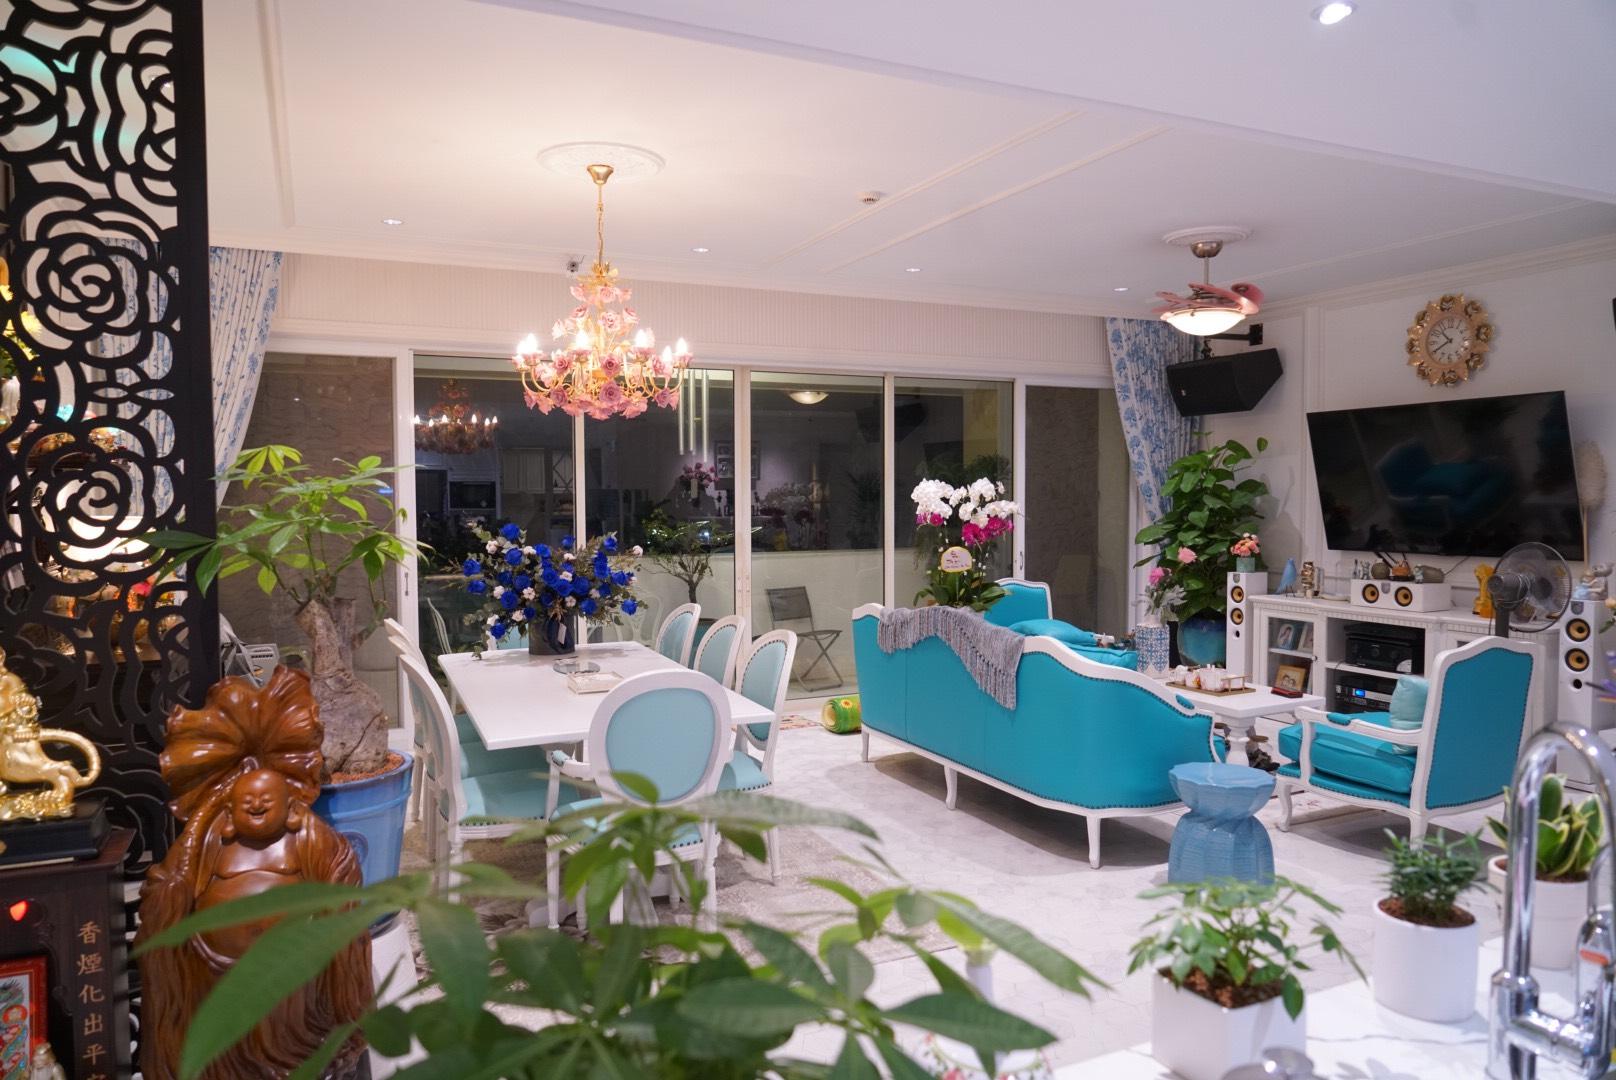 Chuyên giao dịch căn hộ The Estella, 2PN Giá 5 tỉ, 3PN Giá 6,1 tỉ. LH 0909988697